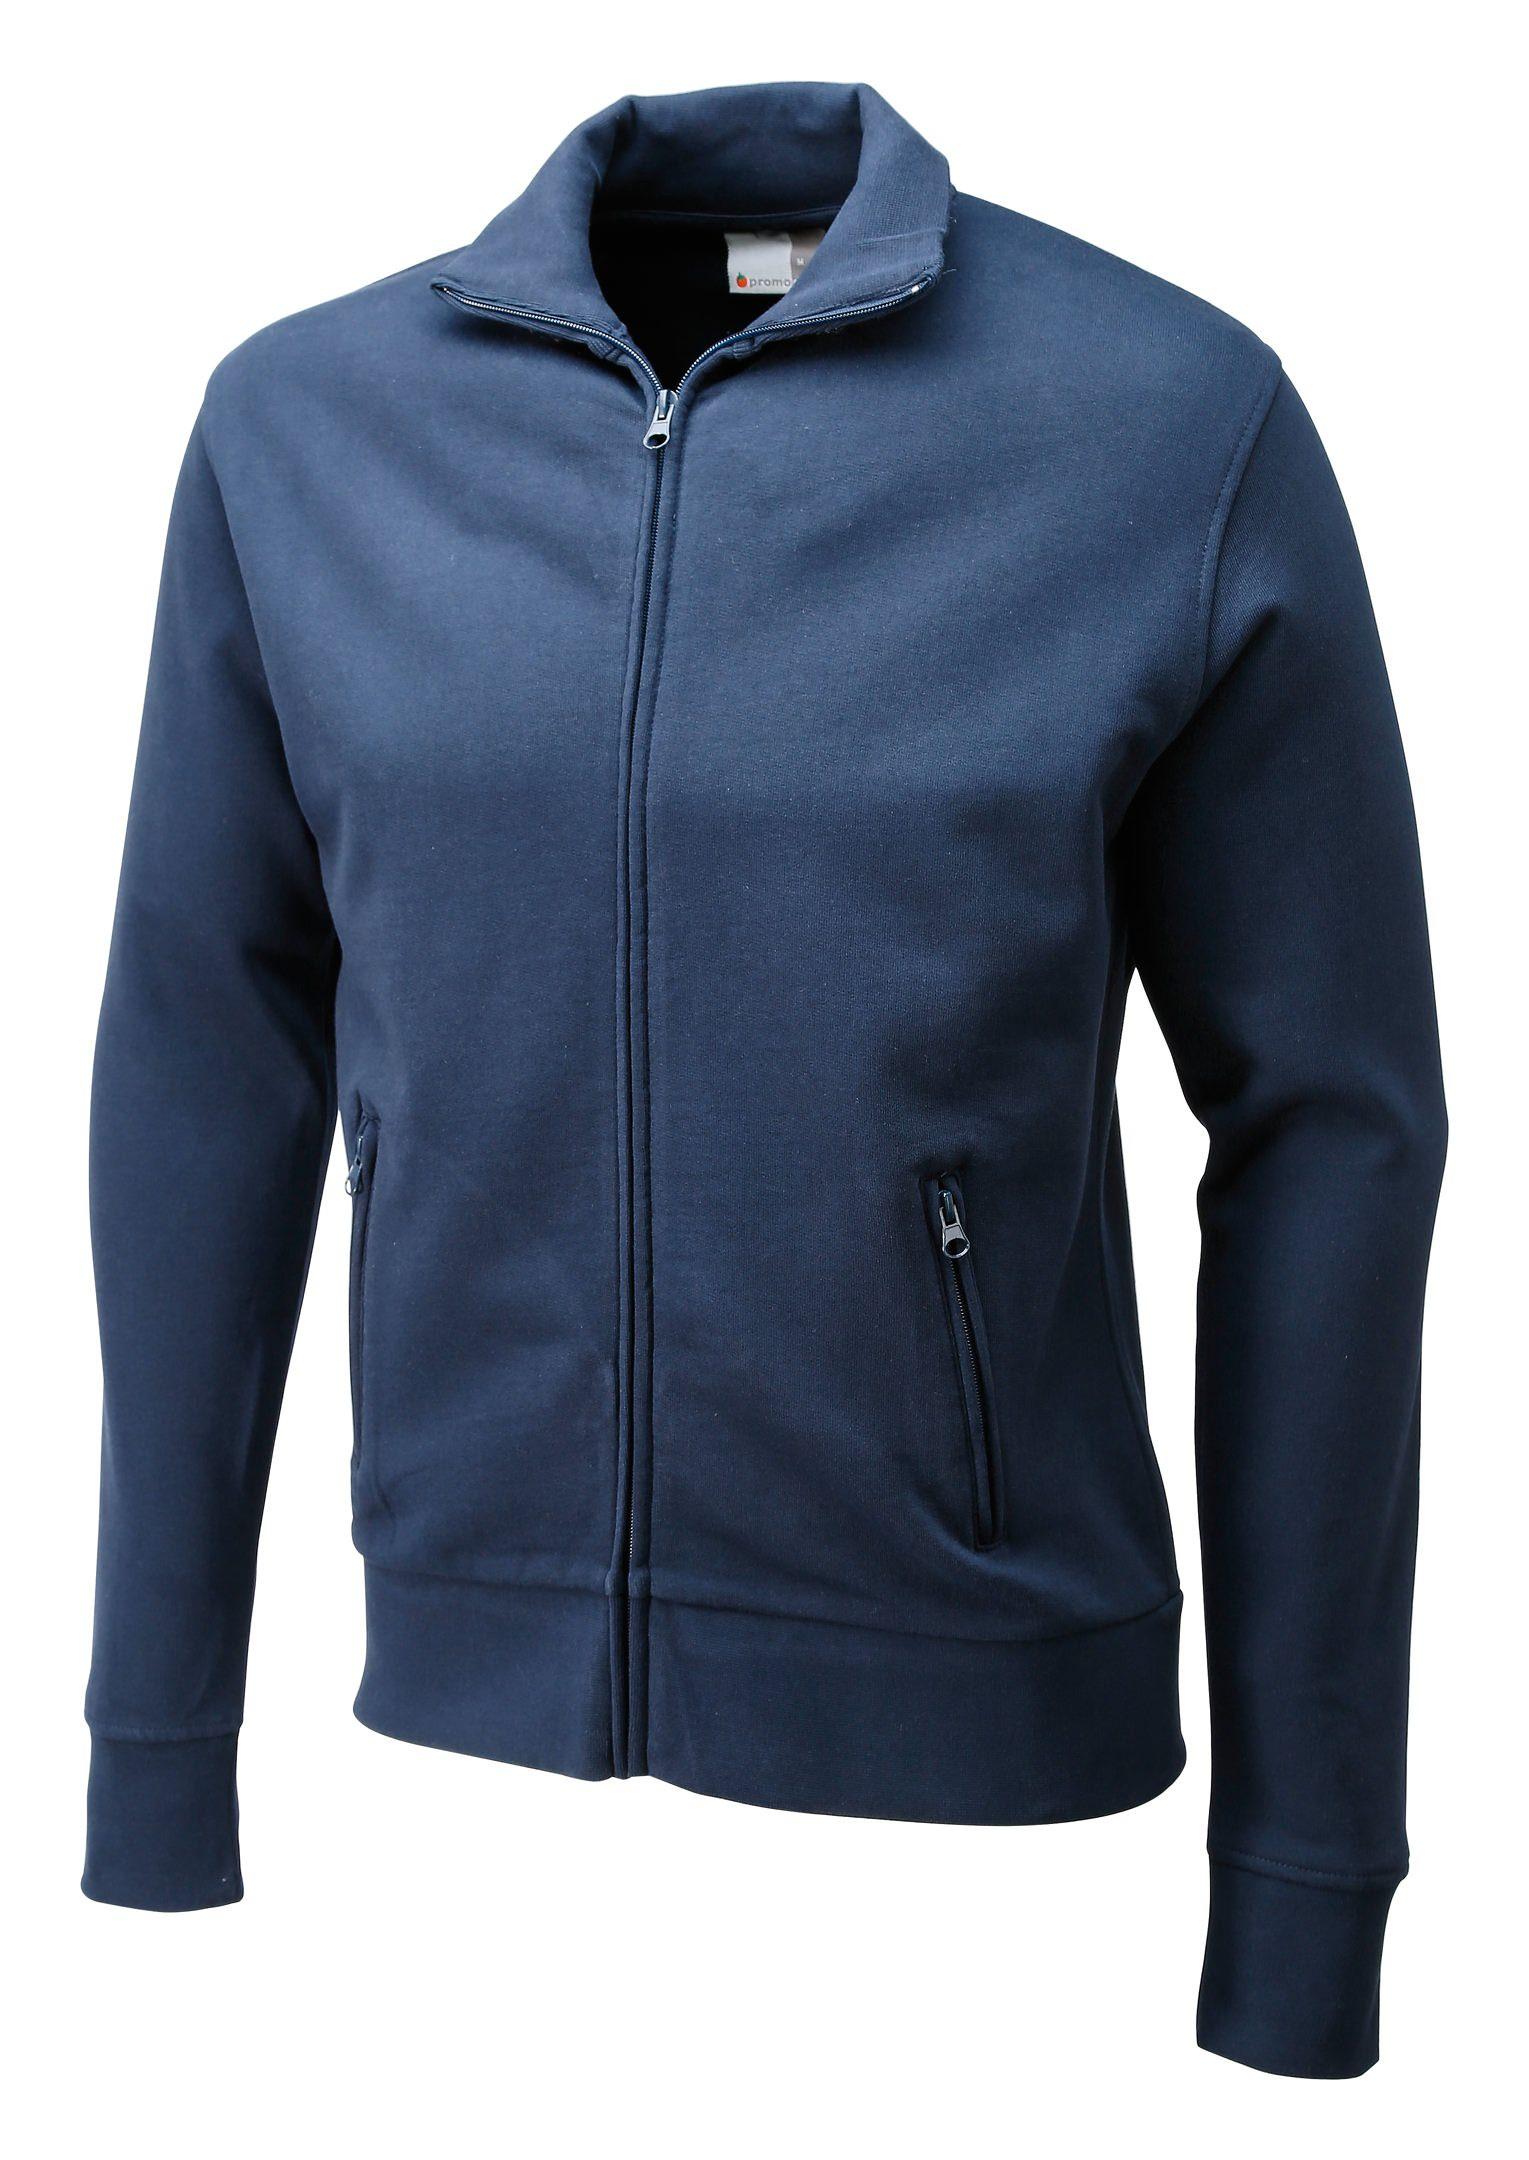 Sweatshirtjacke Größe M navy - 5290F-54-M